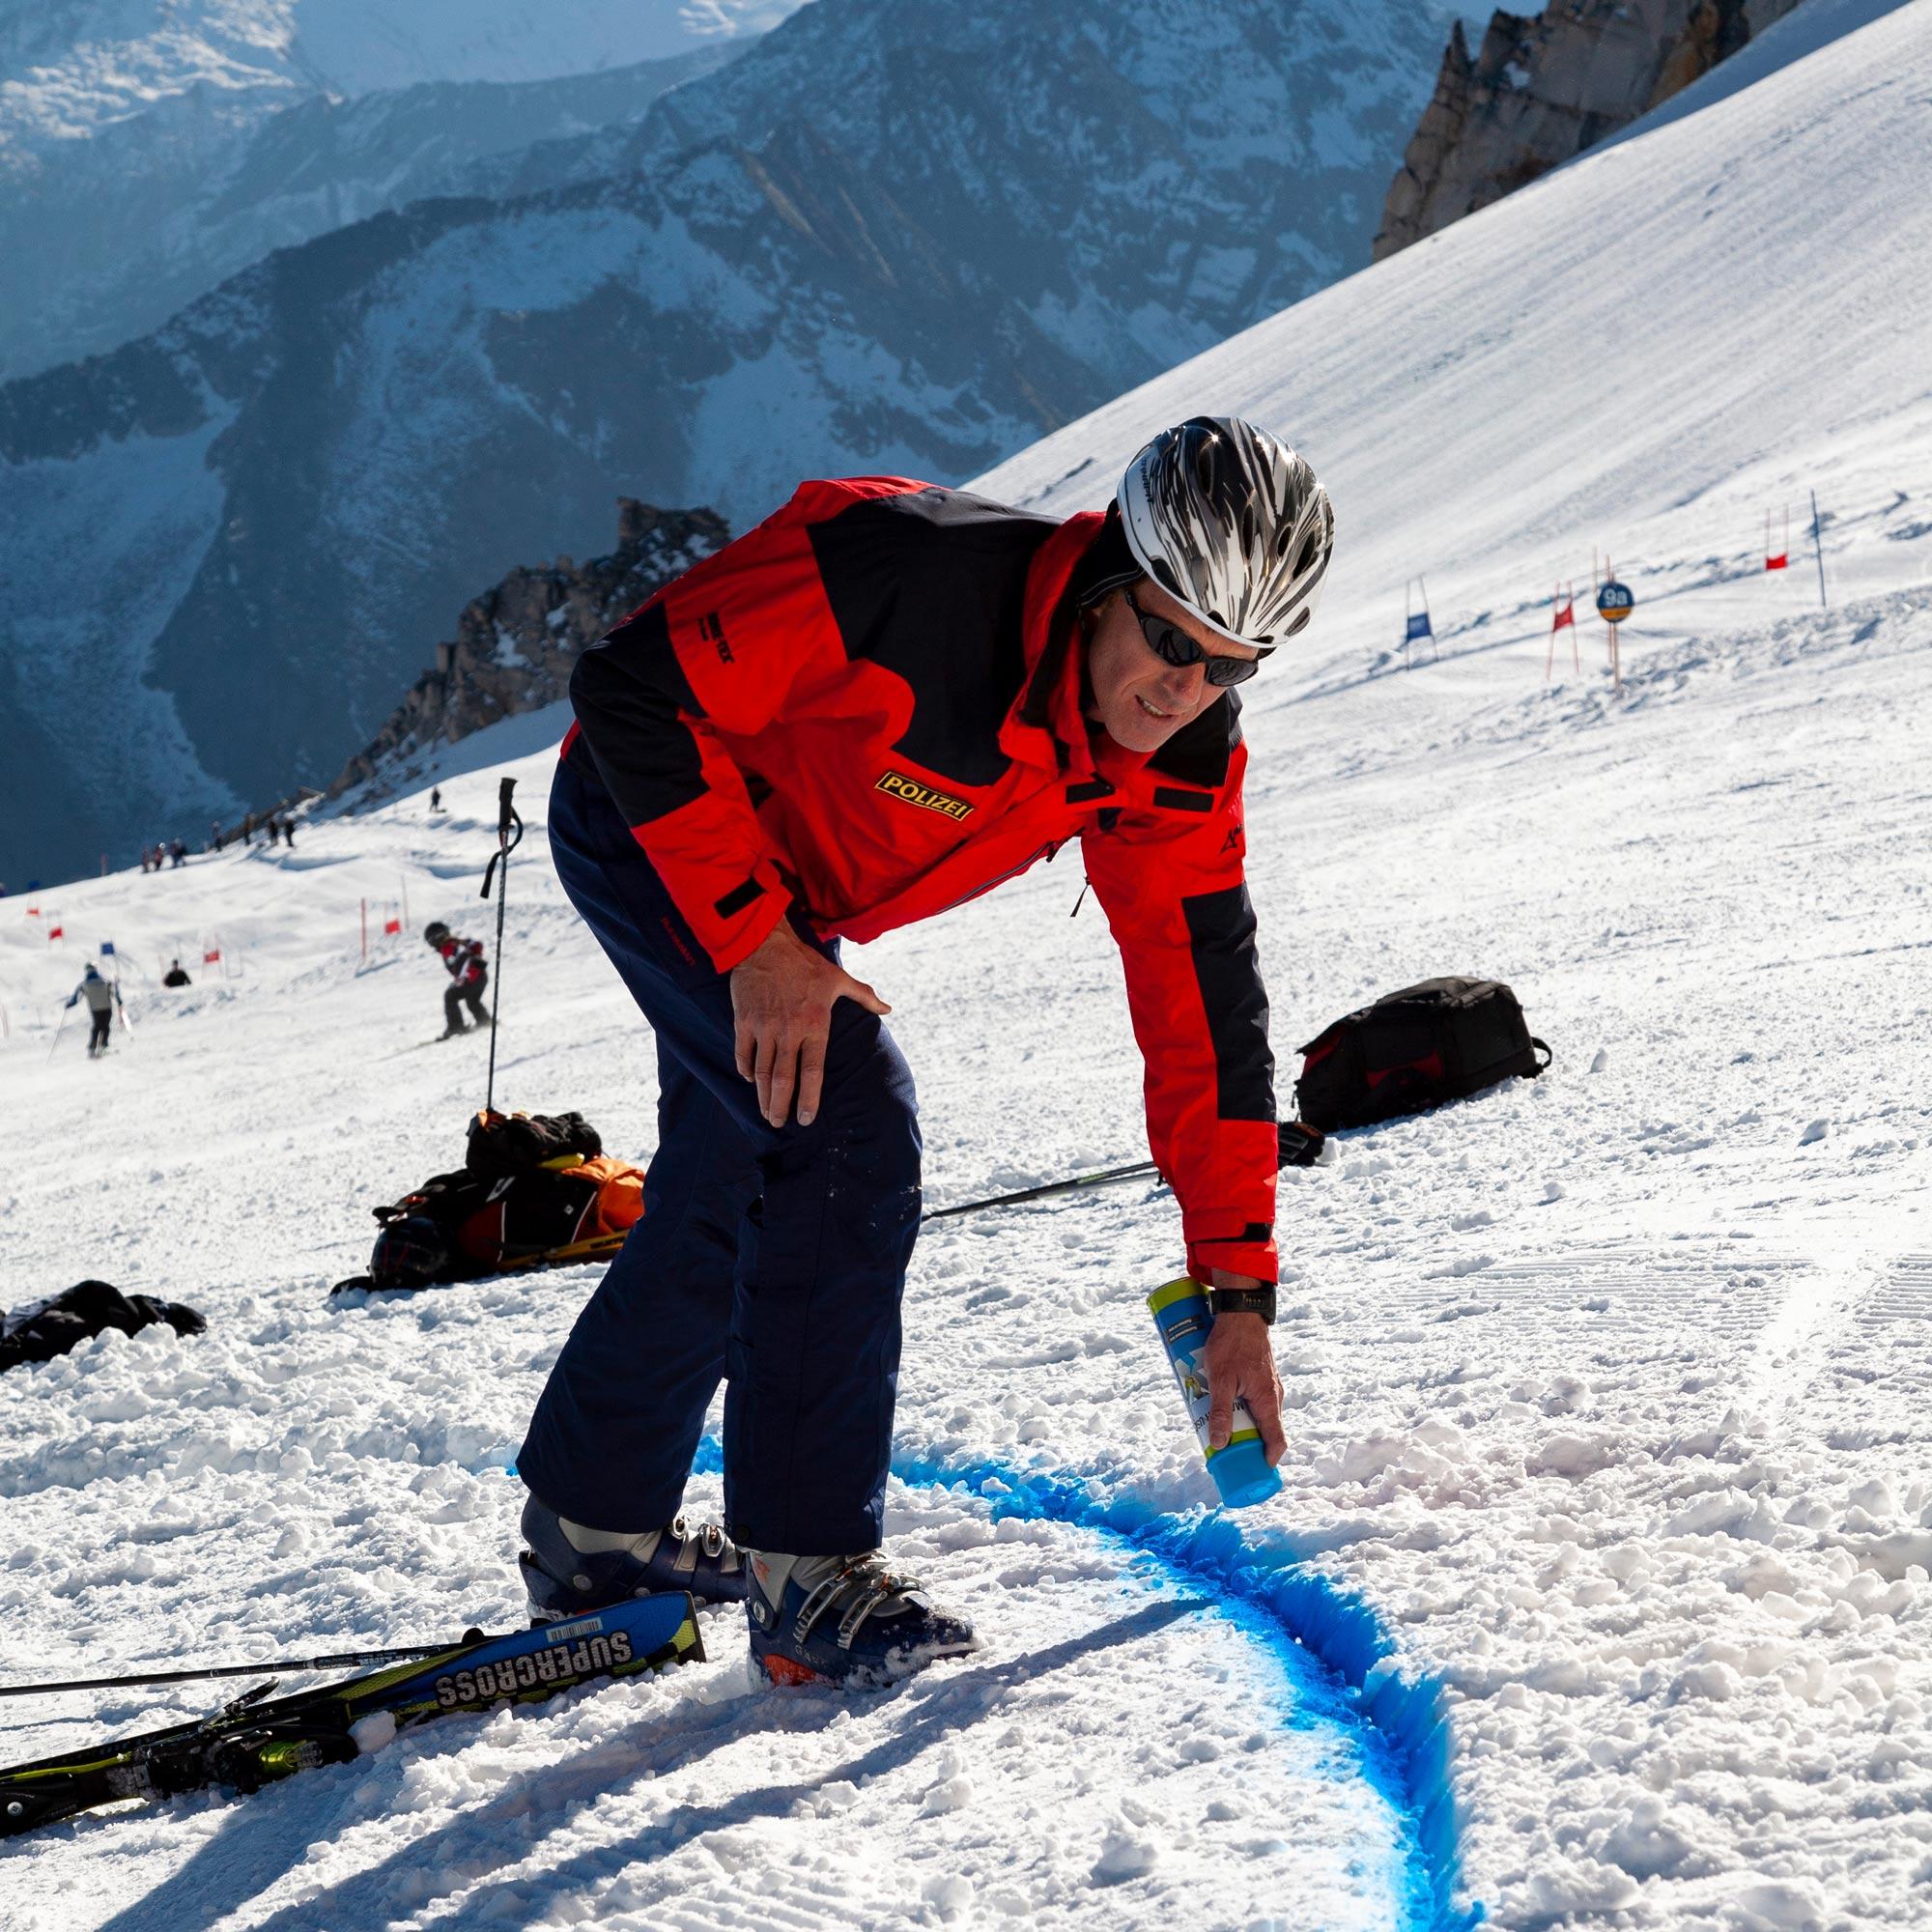 Dokumentation eines Skiunfalls Hintertux. © Bruno Guttmann I bergundsteigen.blog